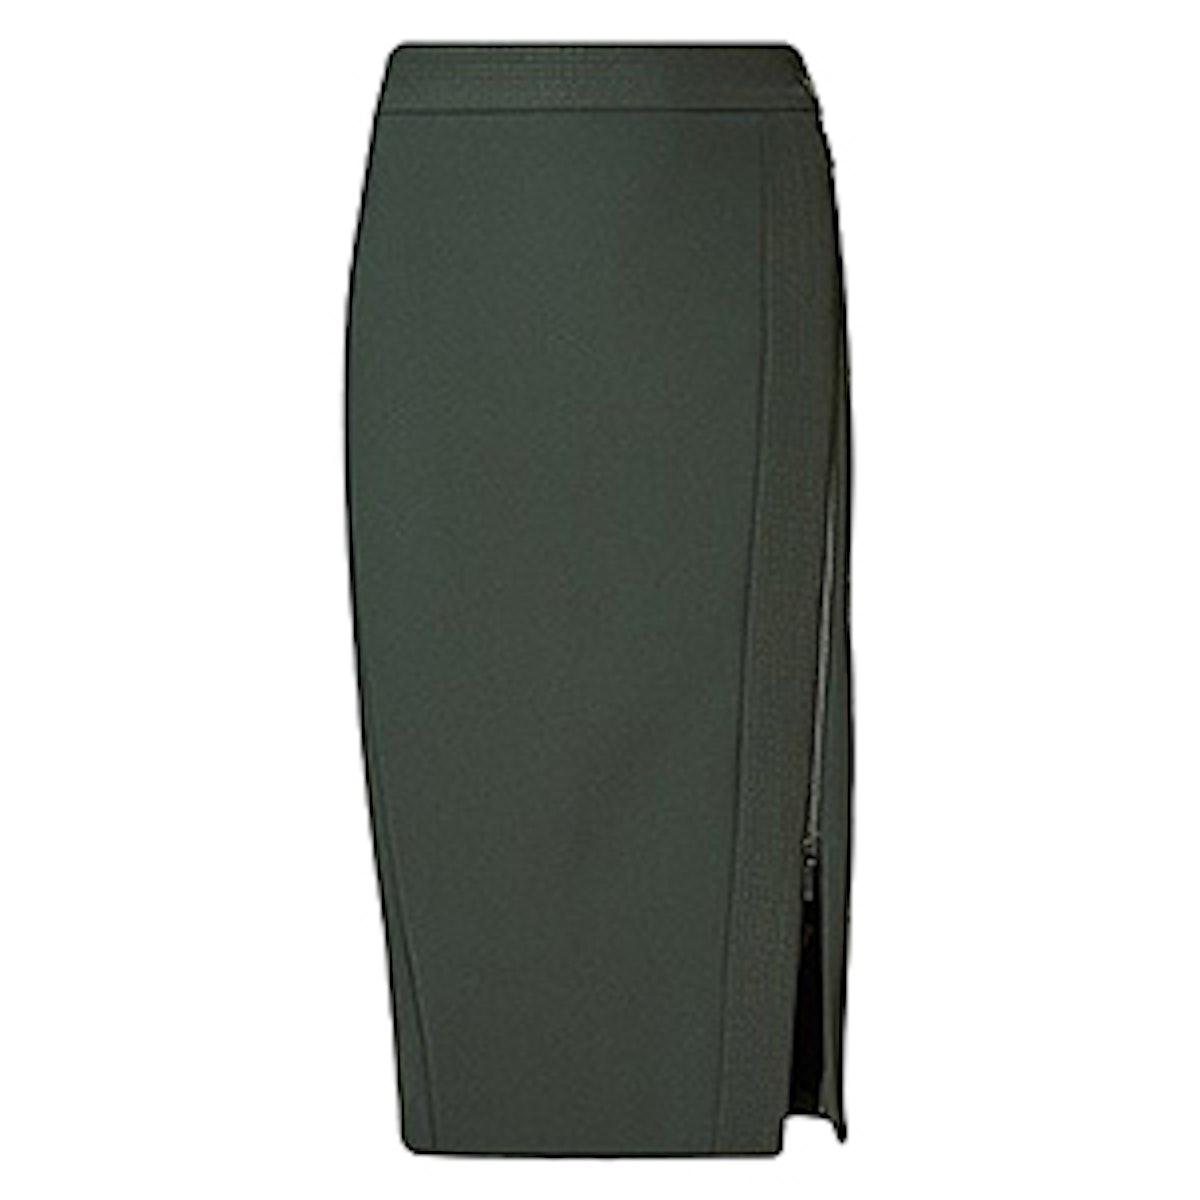 Speziale Zip Front Pencil Skirt